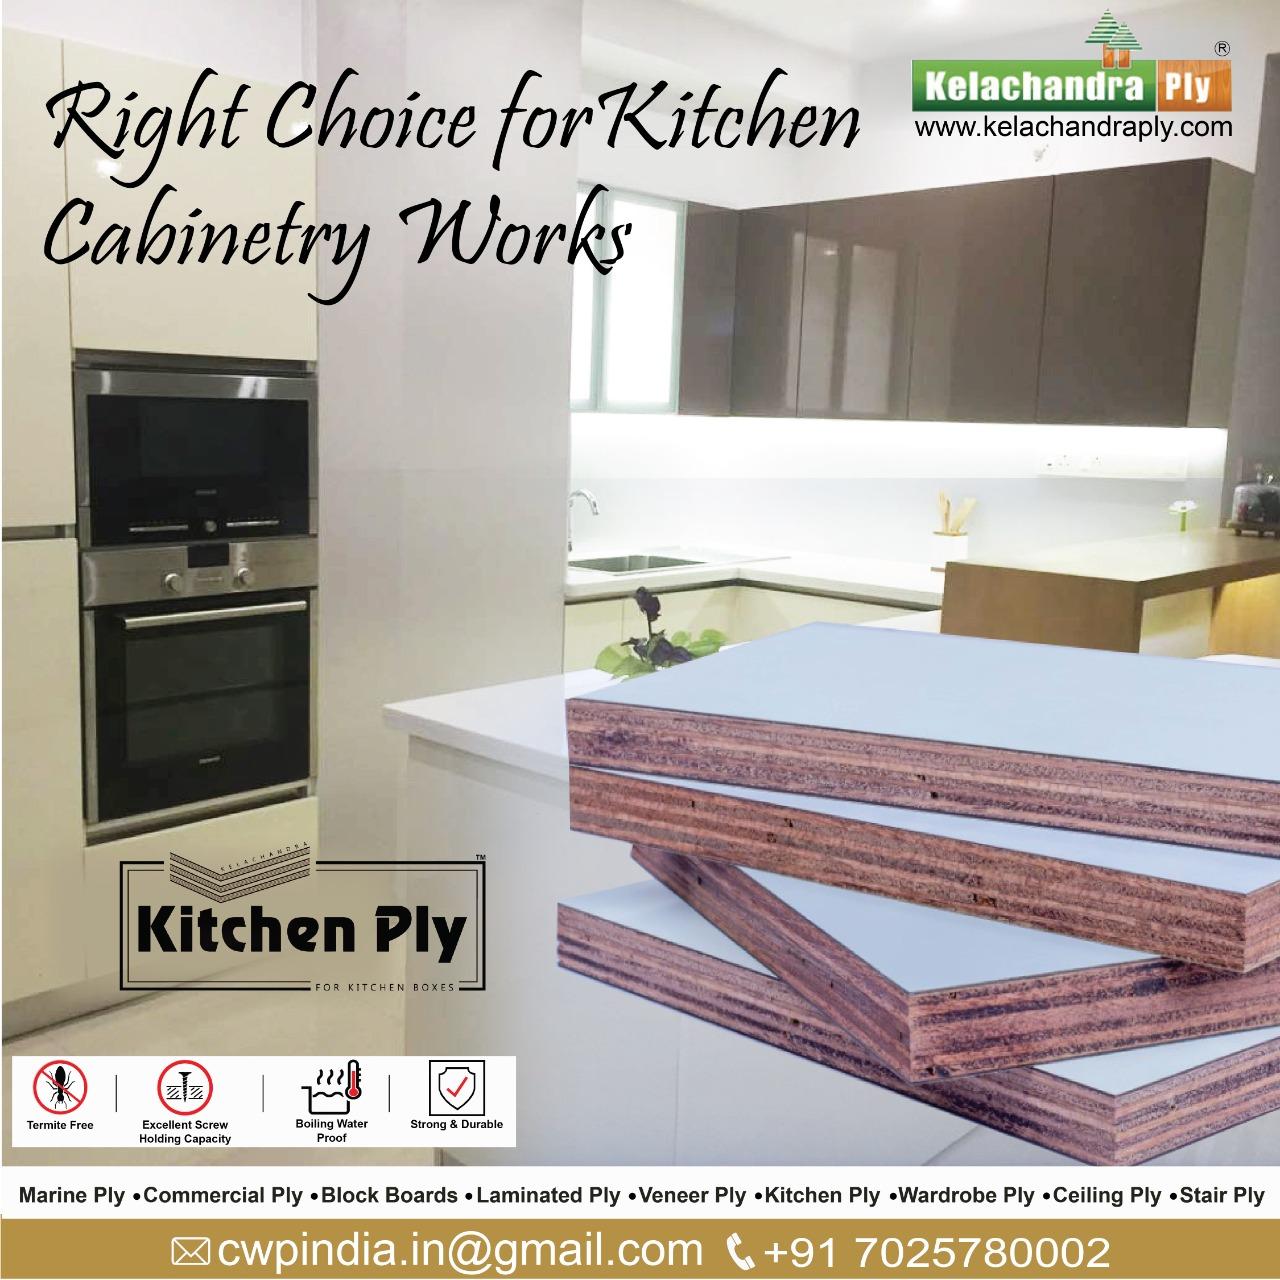 Kitchen Ply